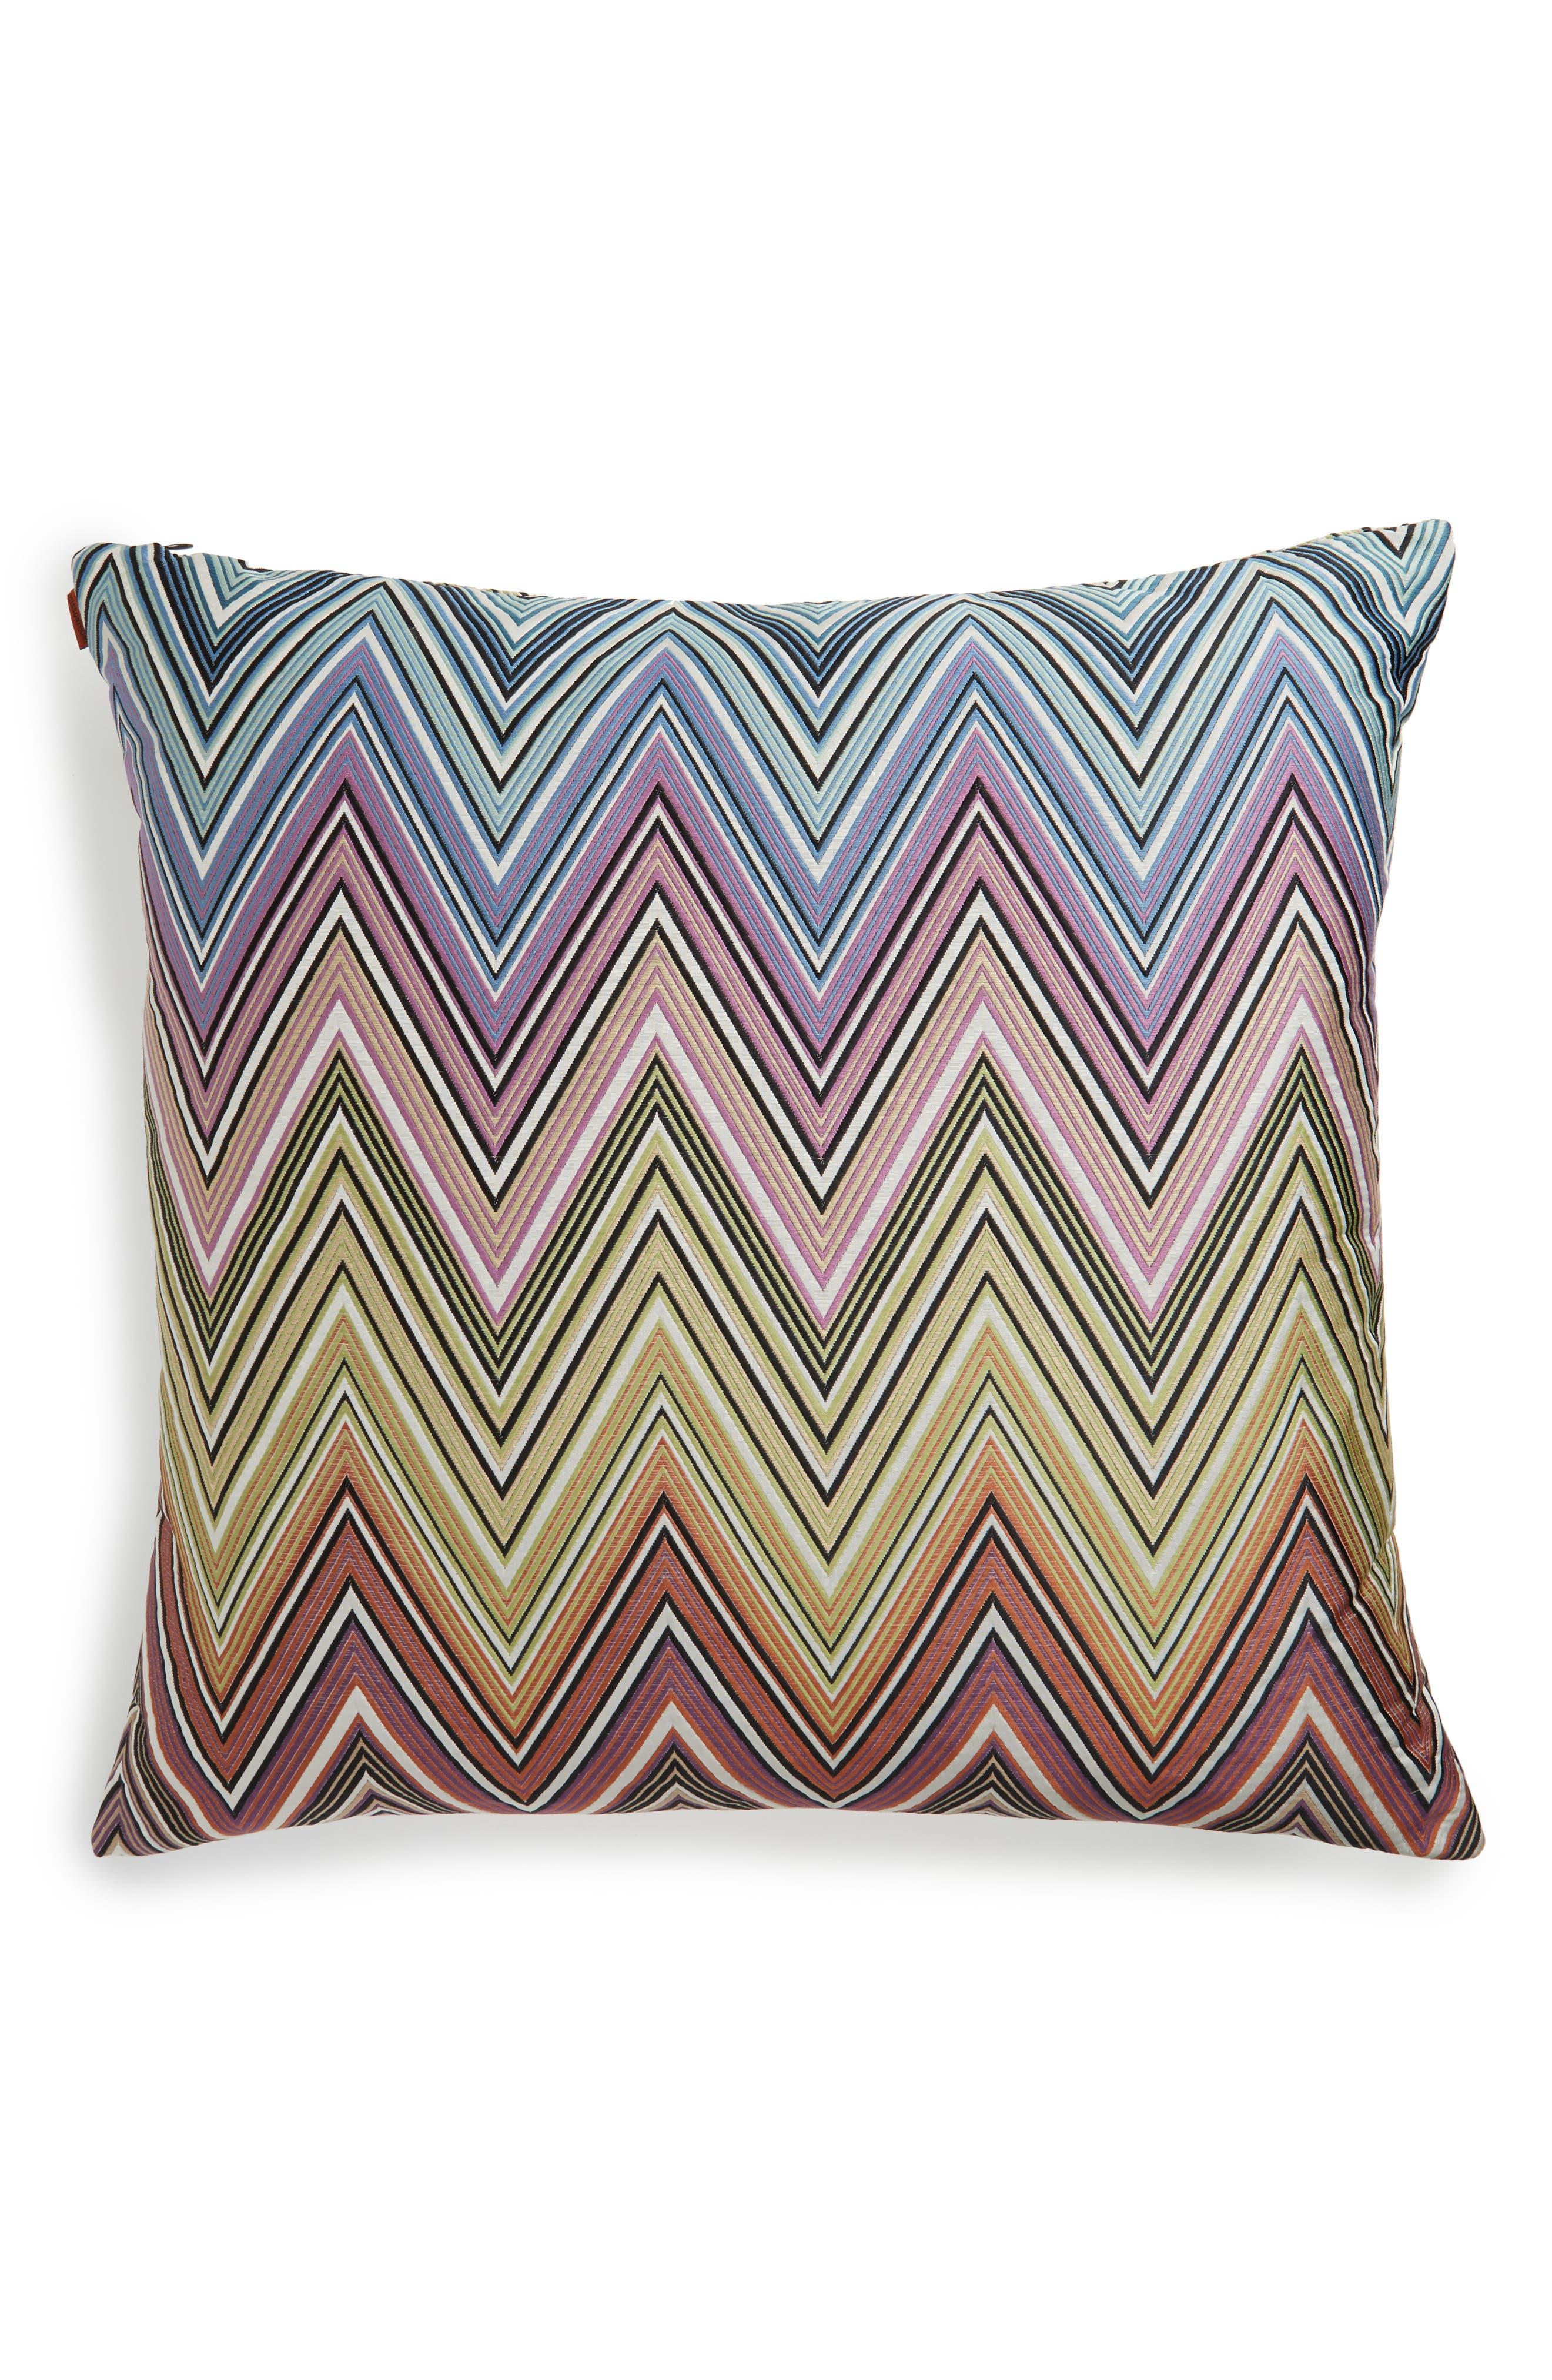 Kew Accent Pillow,                         Main,                         color, Blue